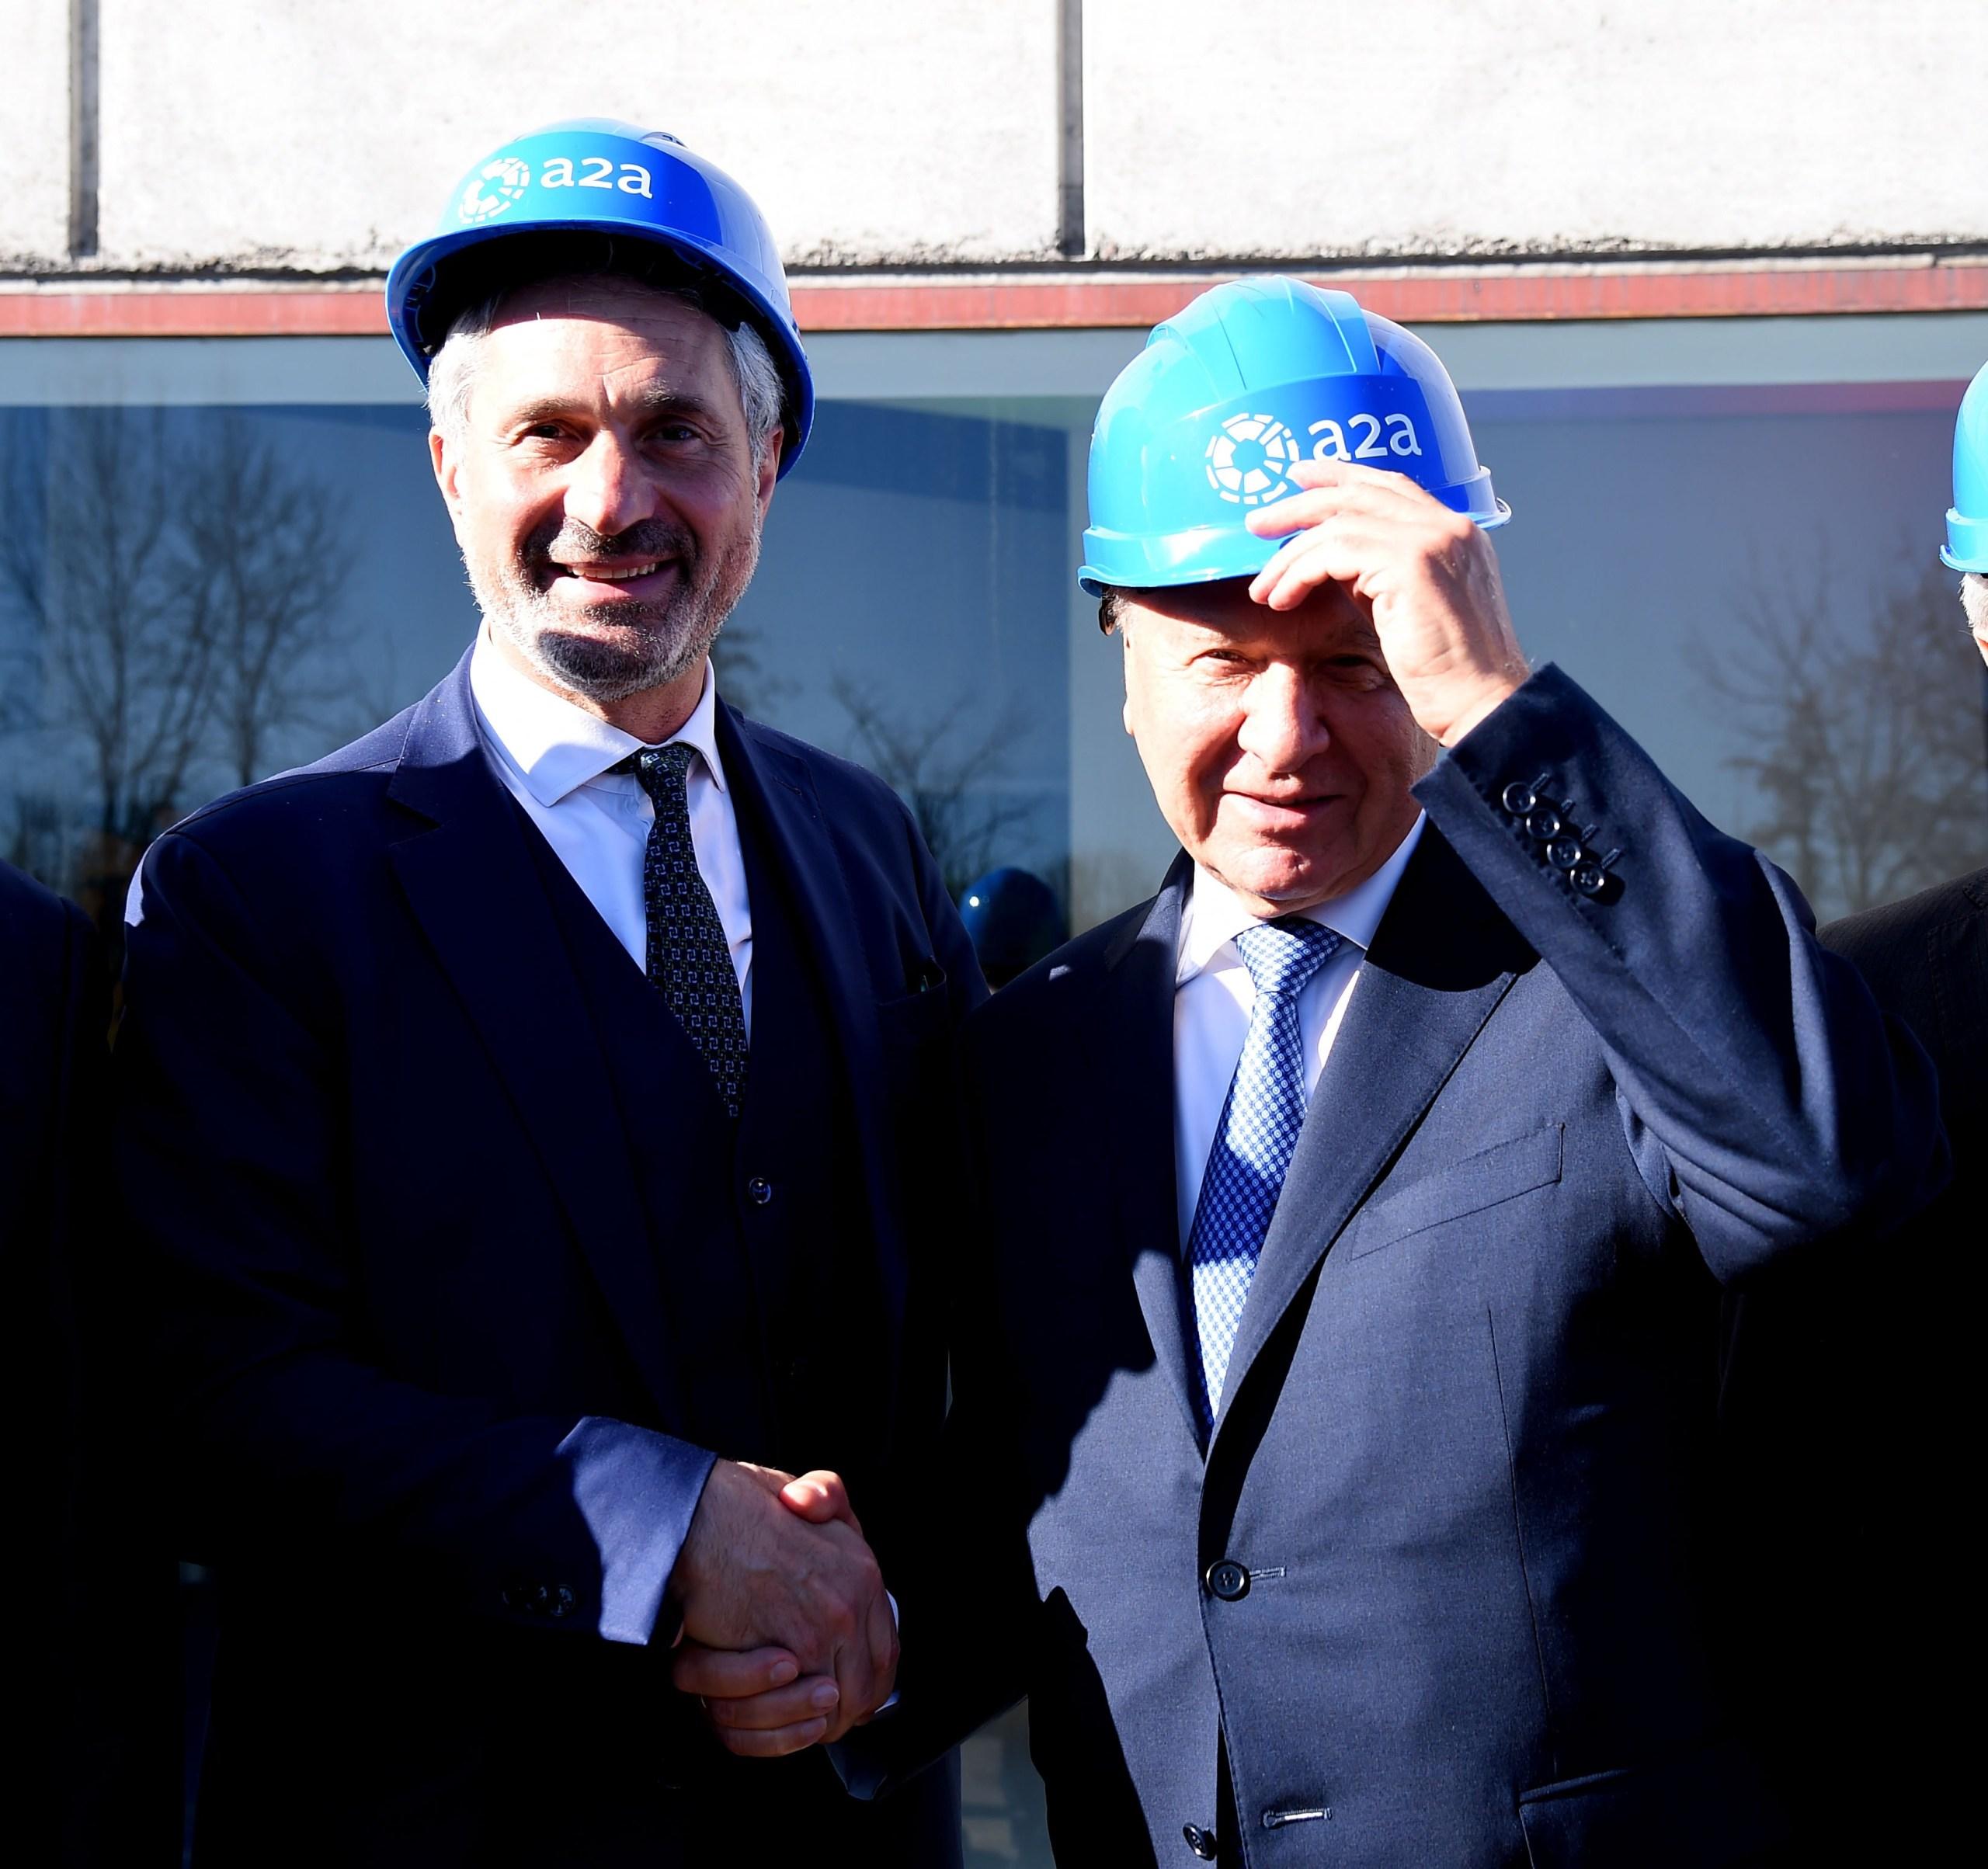 valerio-camerano-a2a-viktor-zubkov-gazprom.jpg